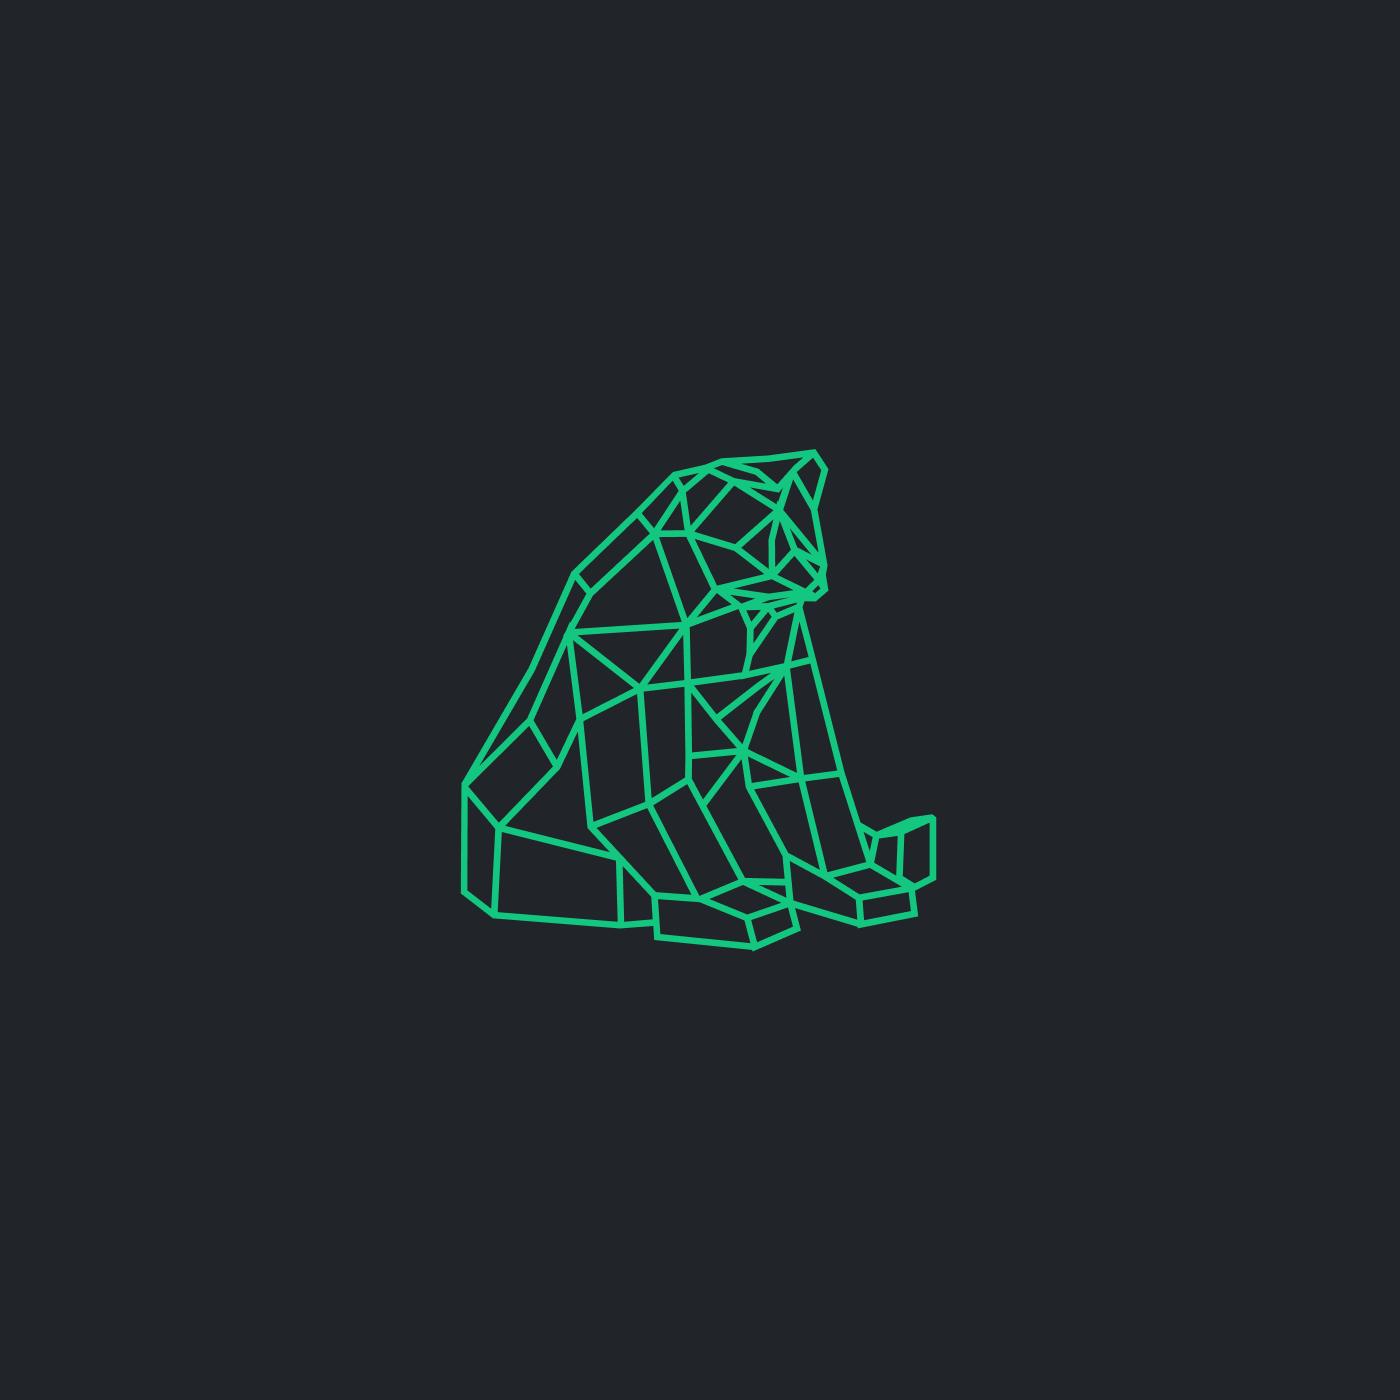 Логотип компании «IT's done»